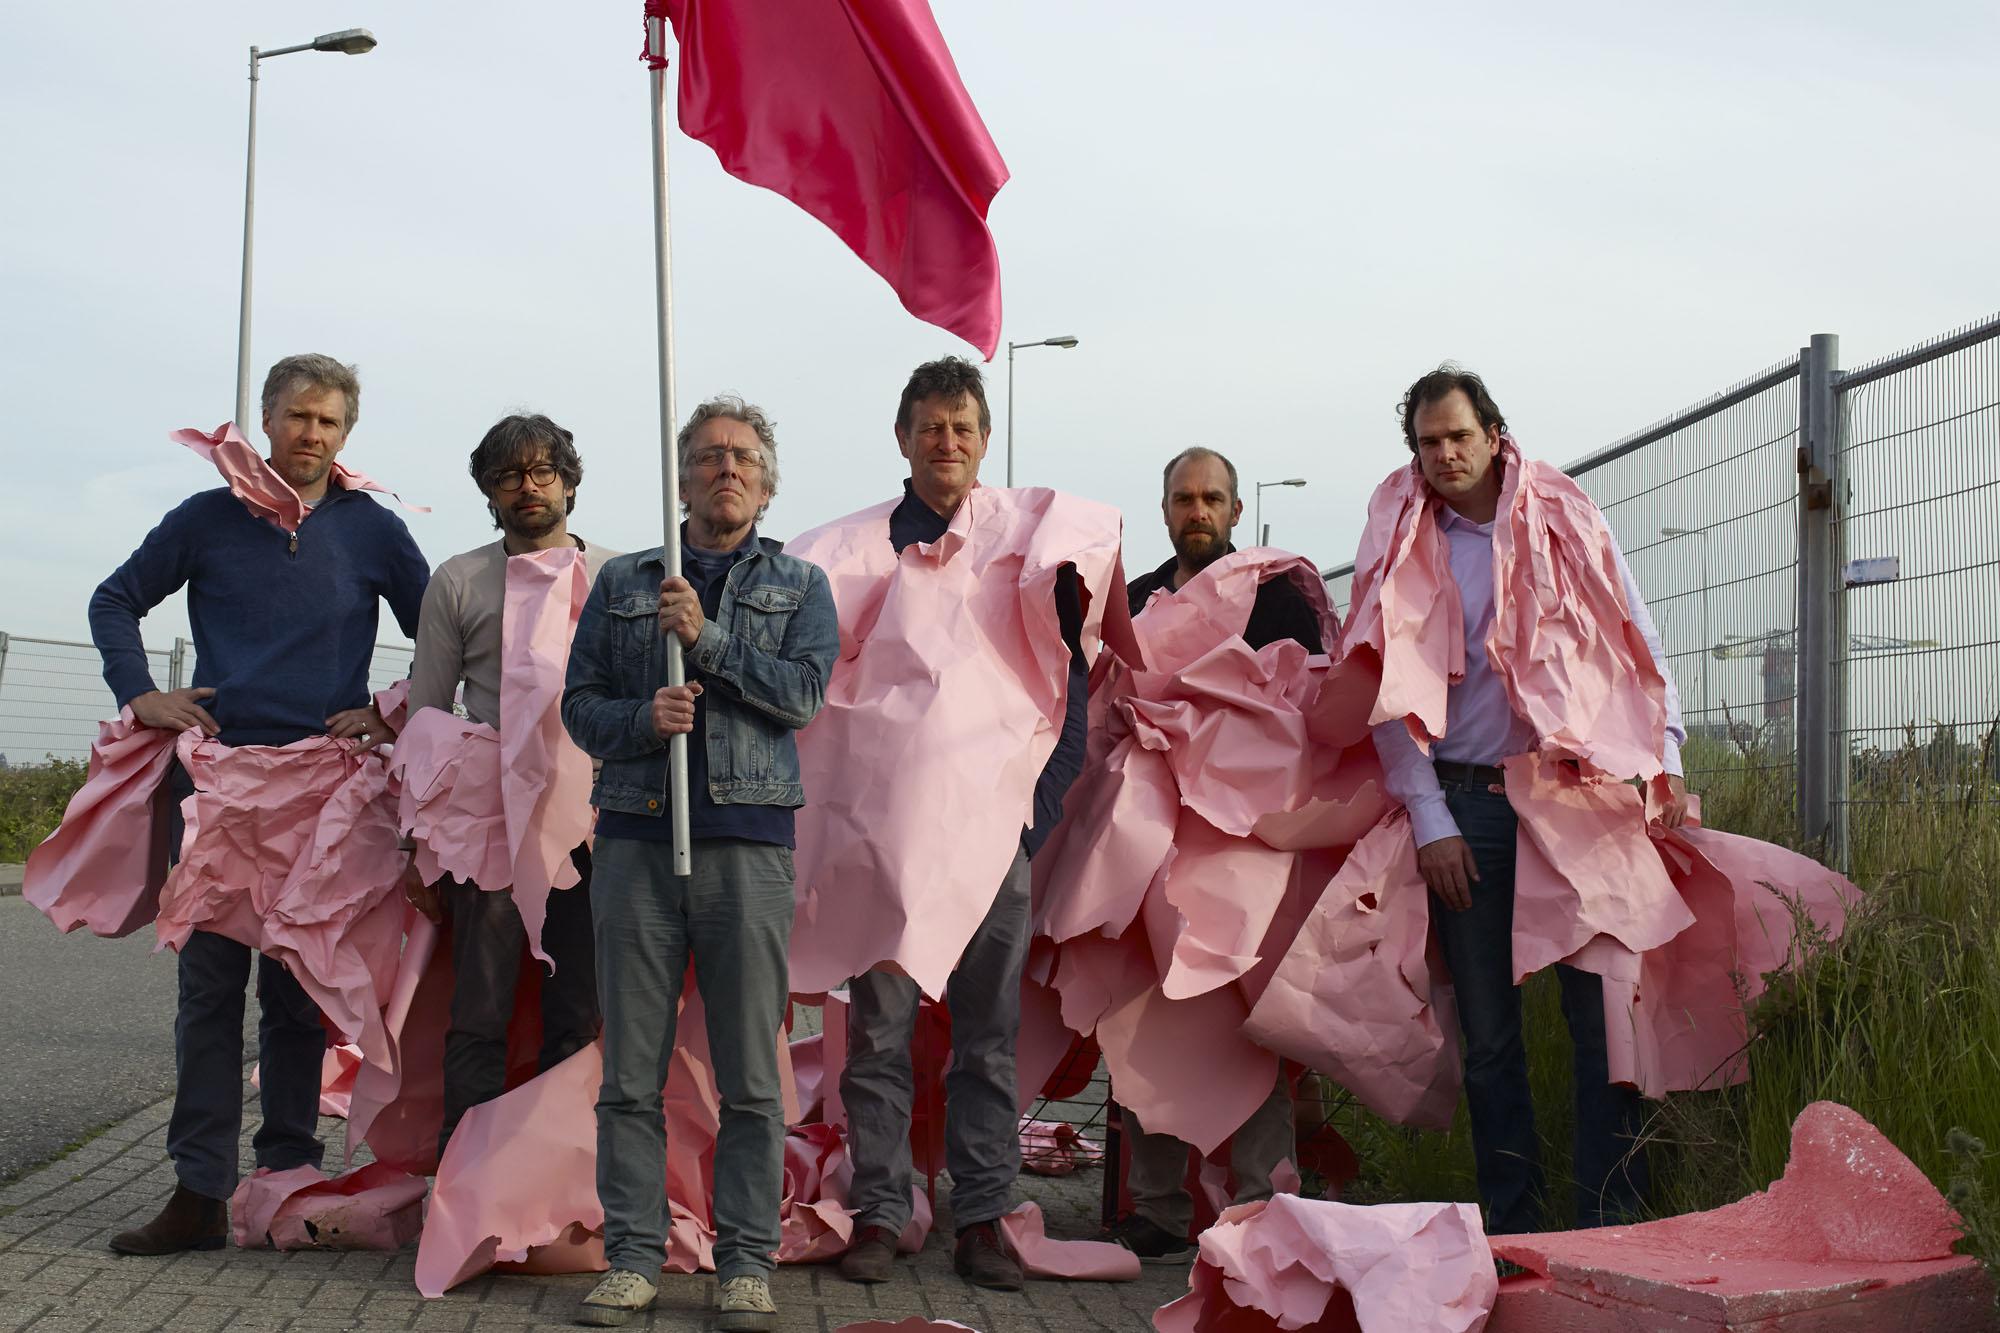 """acteurs van """"De Eigenaar"""" op de Grasweg in Amsterdam. 29 juni 2015. vlnr: Marc de Klerk, Roderick Hageman, Louis Pirenne, Eduard de Geer, Jeroen Corten"""